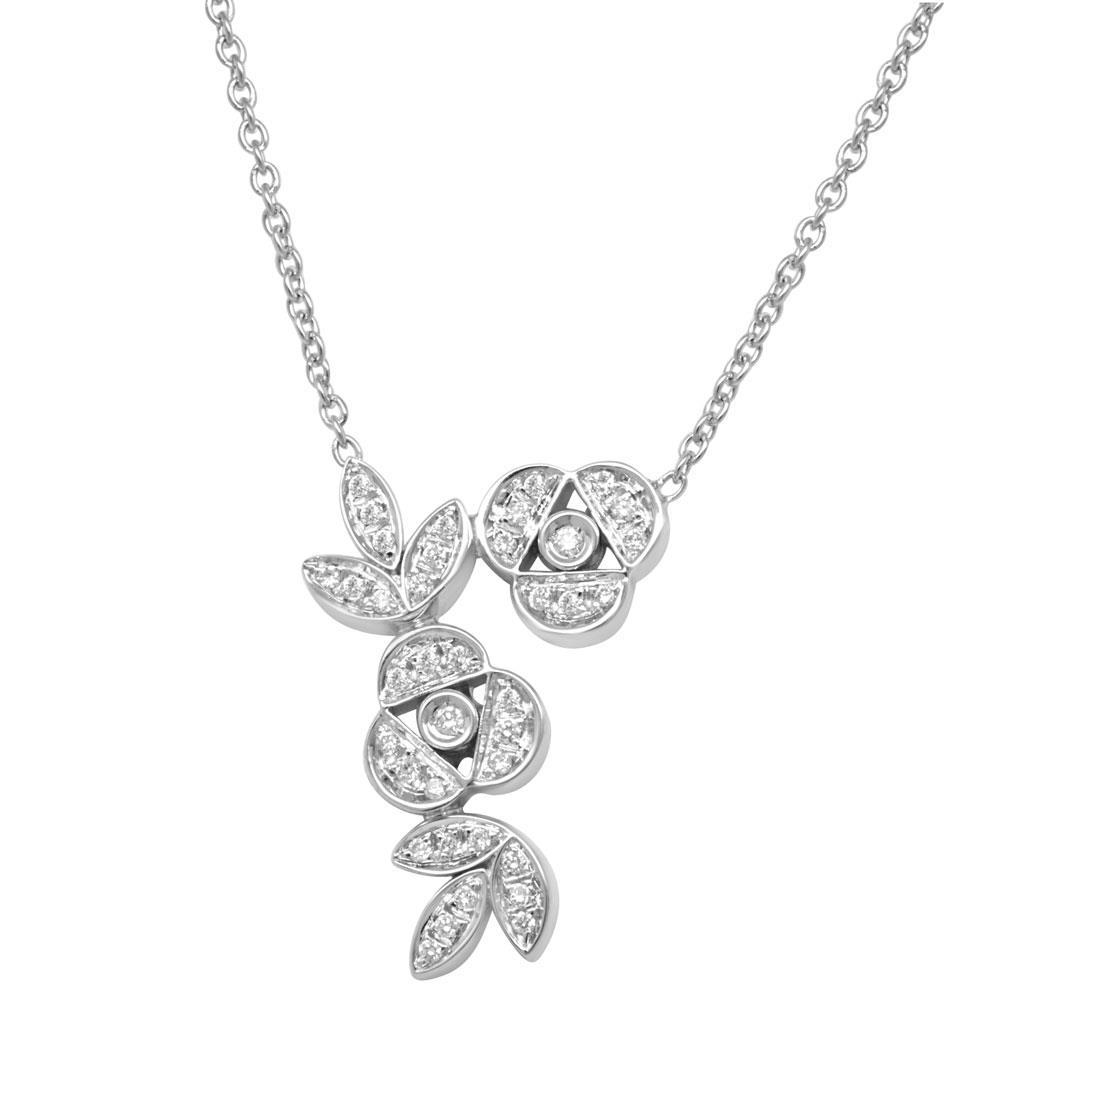 Collier design in oro bianco con diamanti  - SALVINI